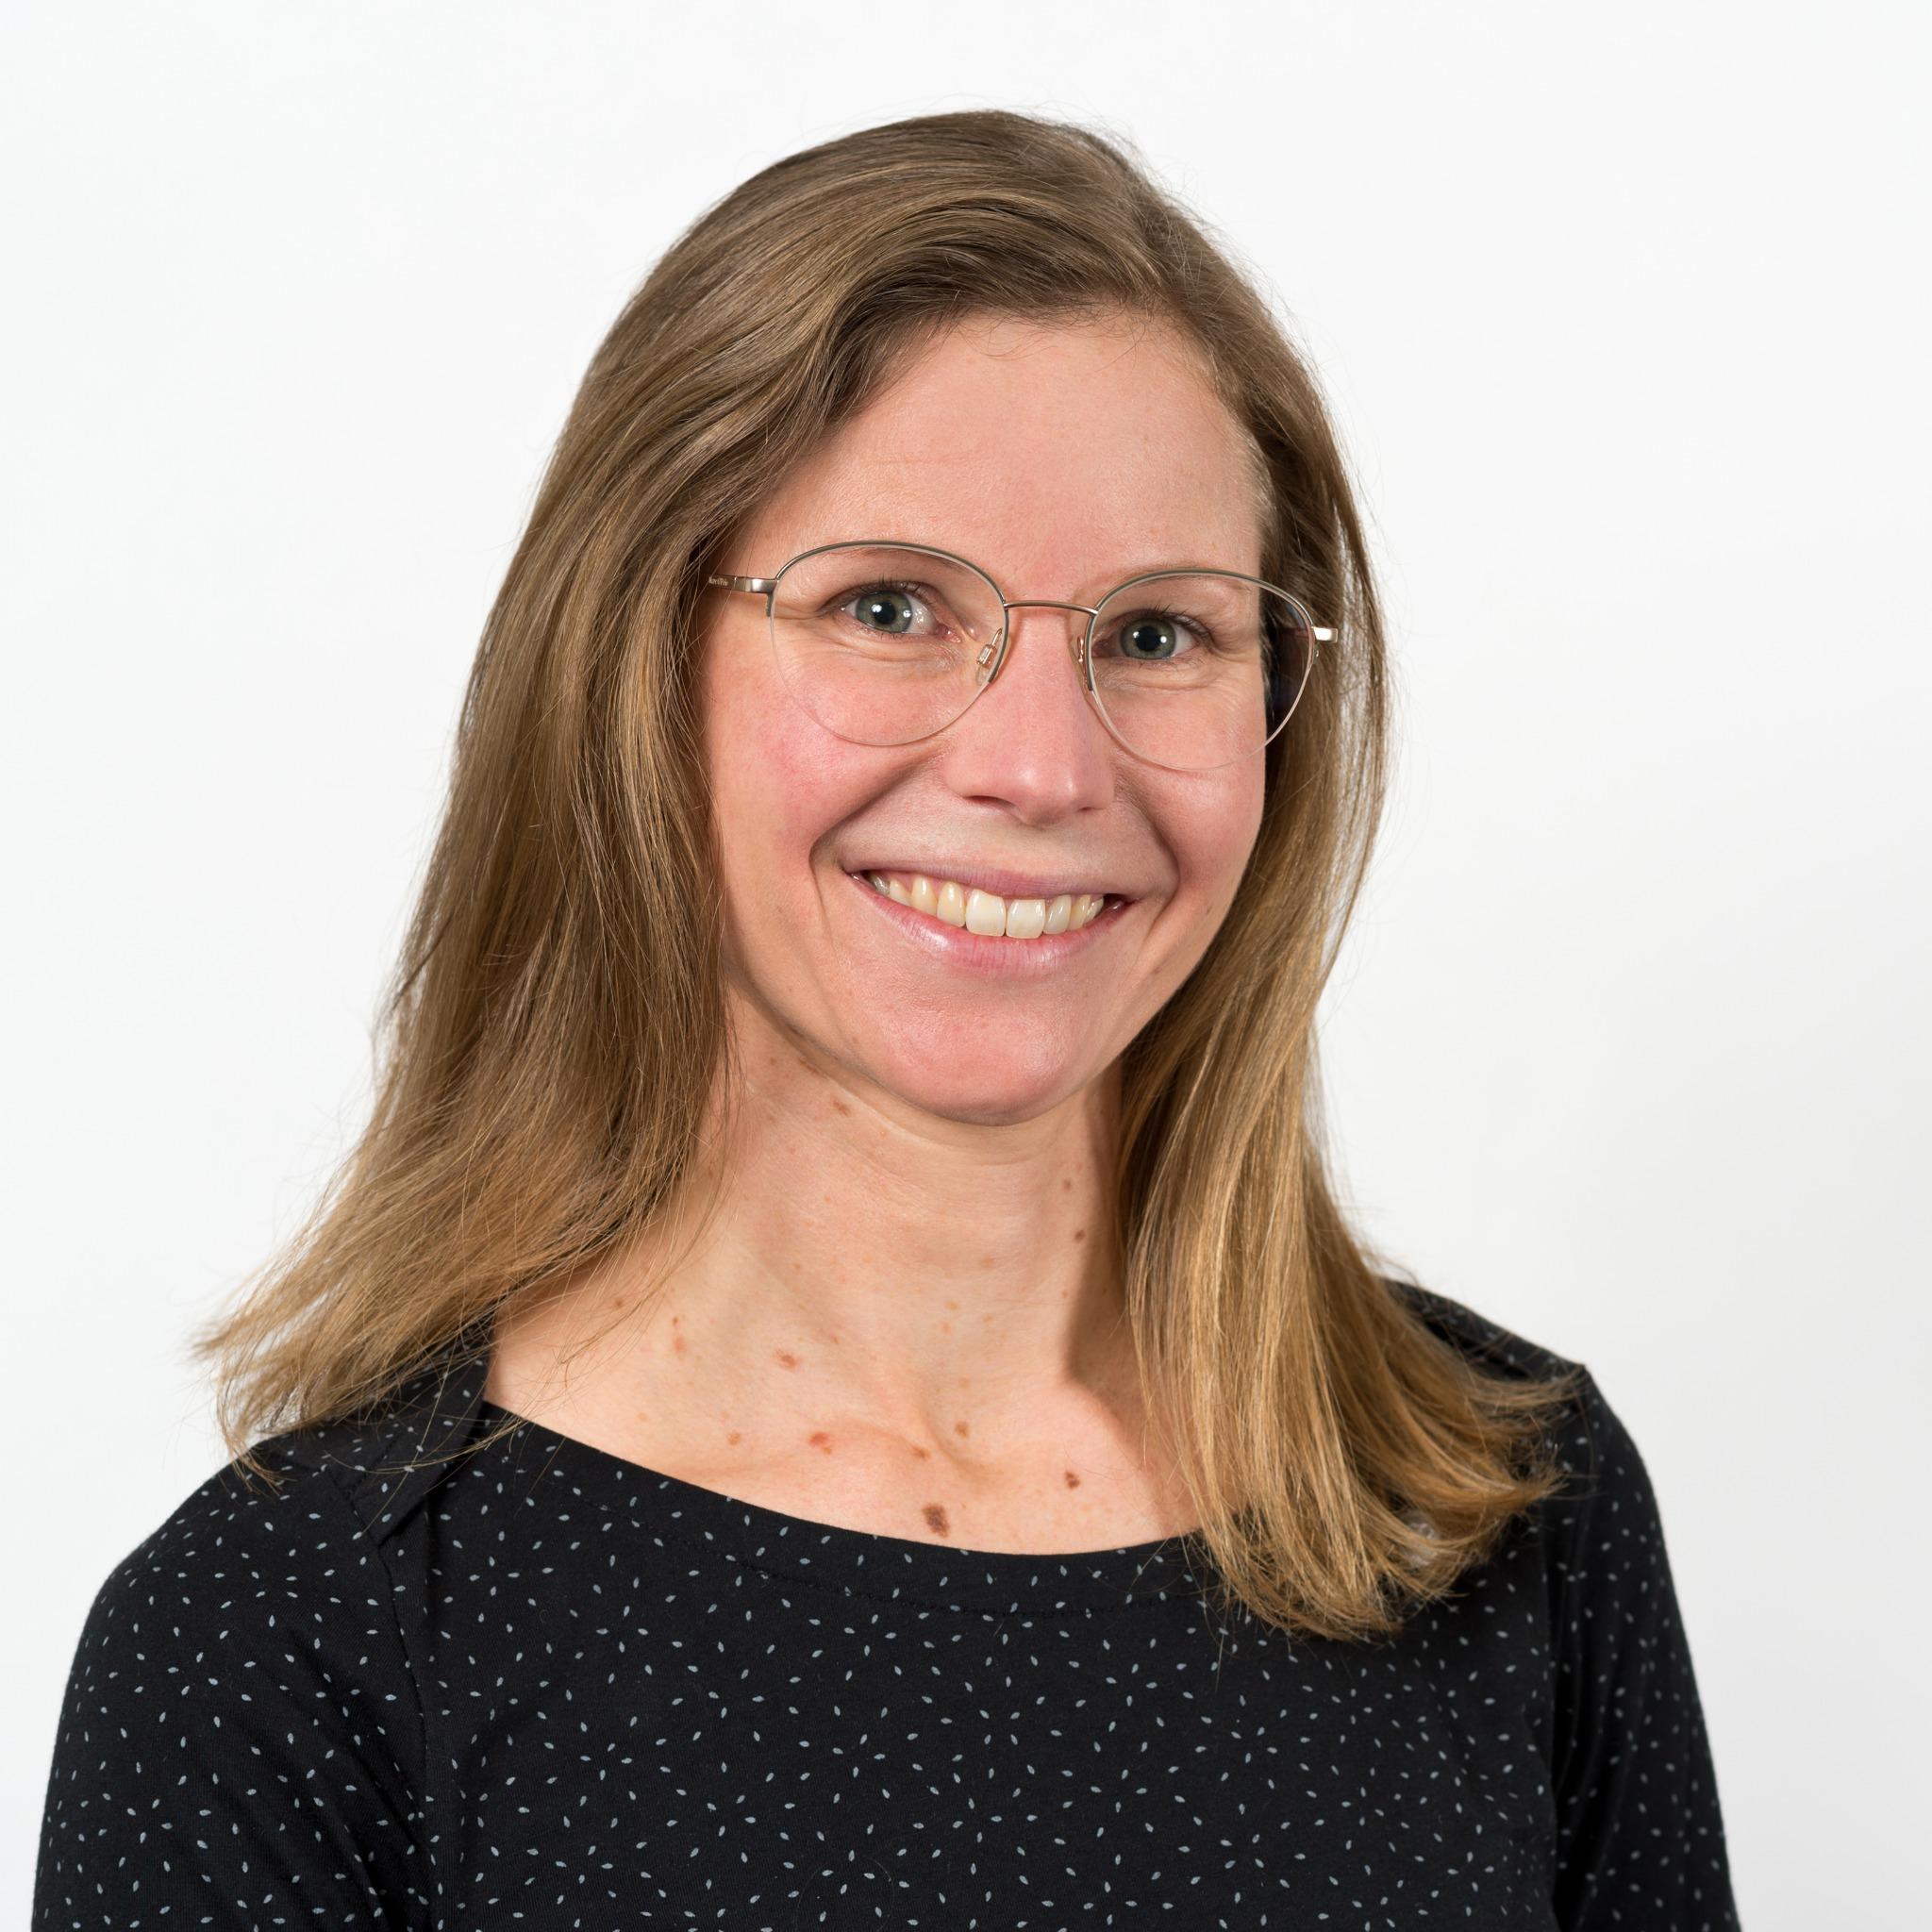 Helen Höhener